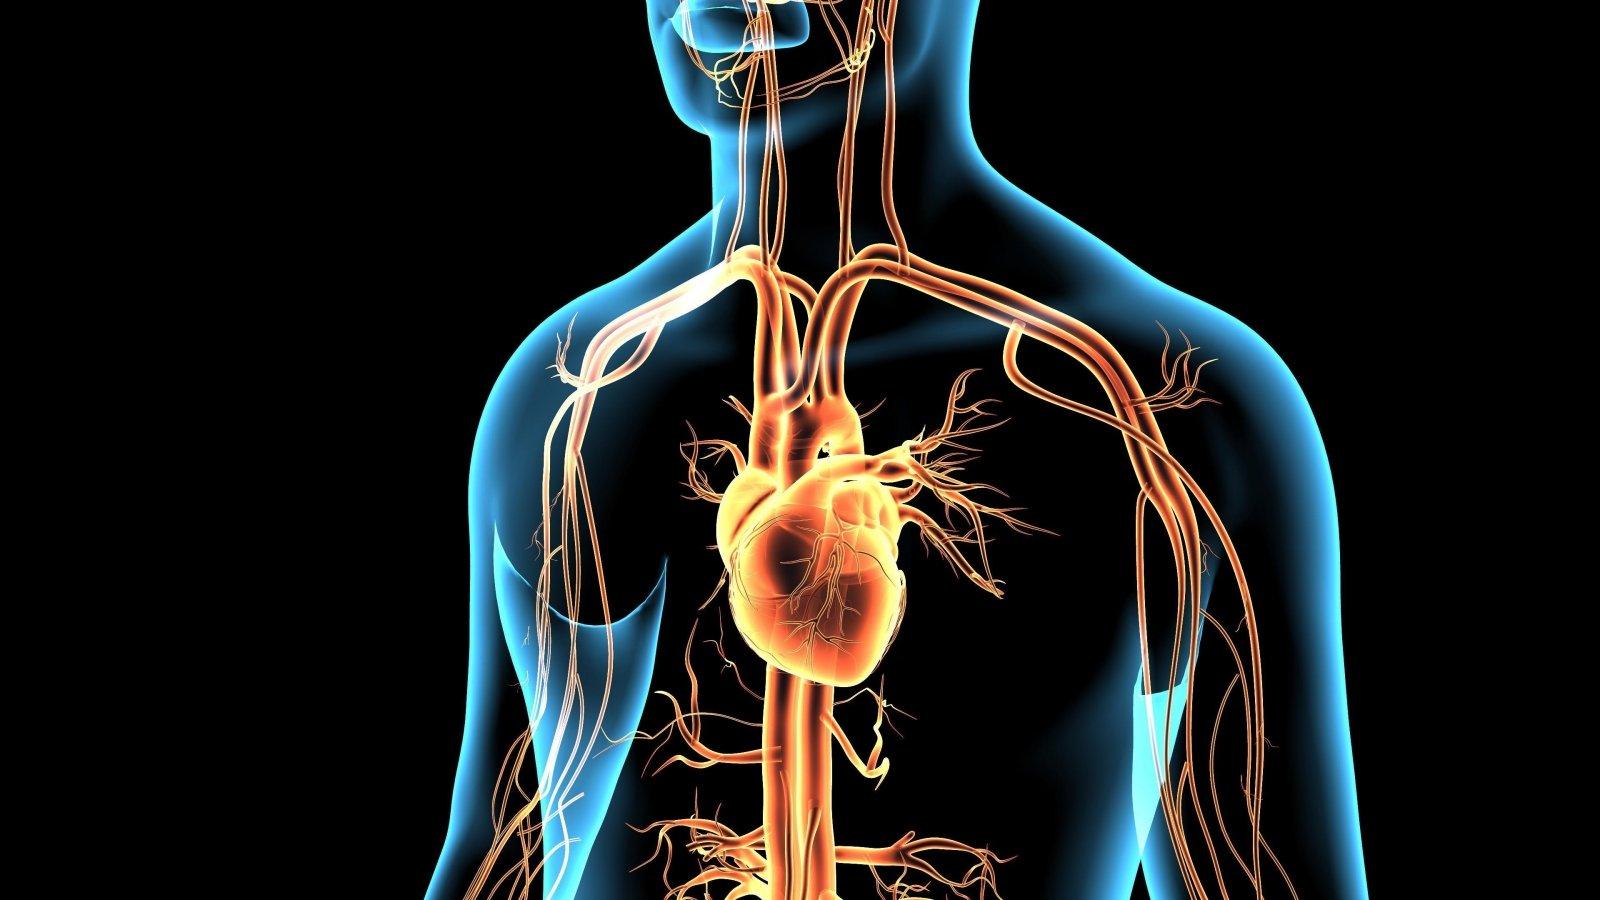 frotinė hipertenzija hipertenzija, kas nutiks, jei nebus gydoma